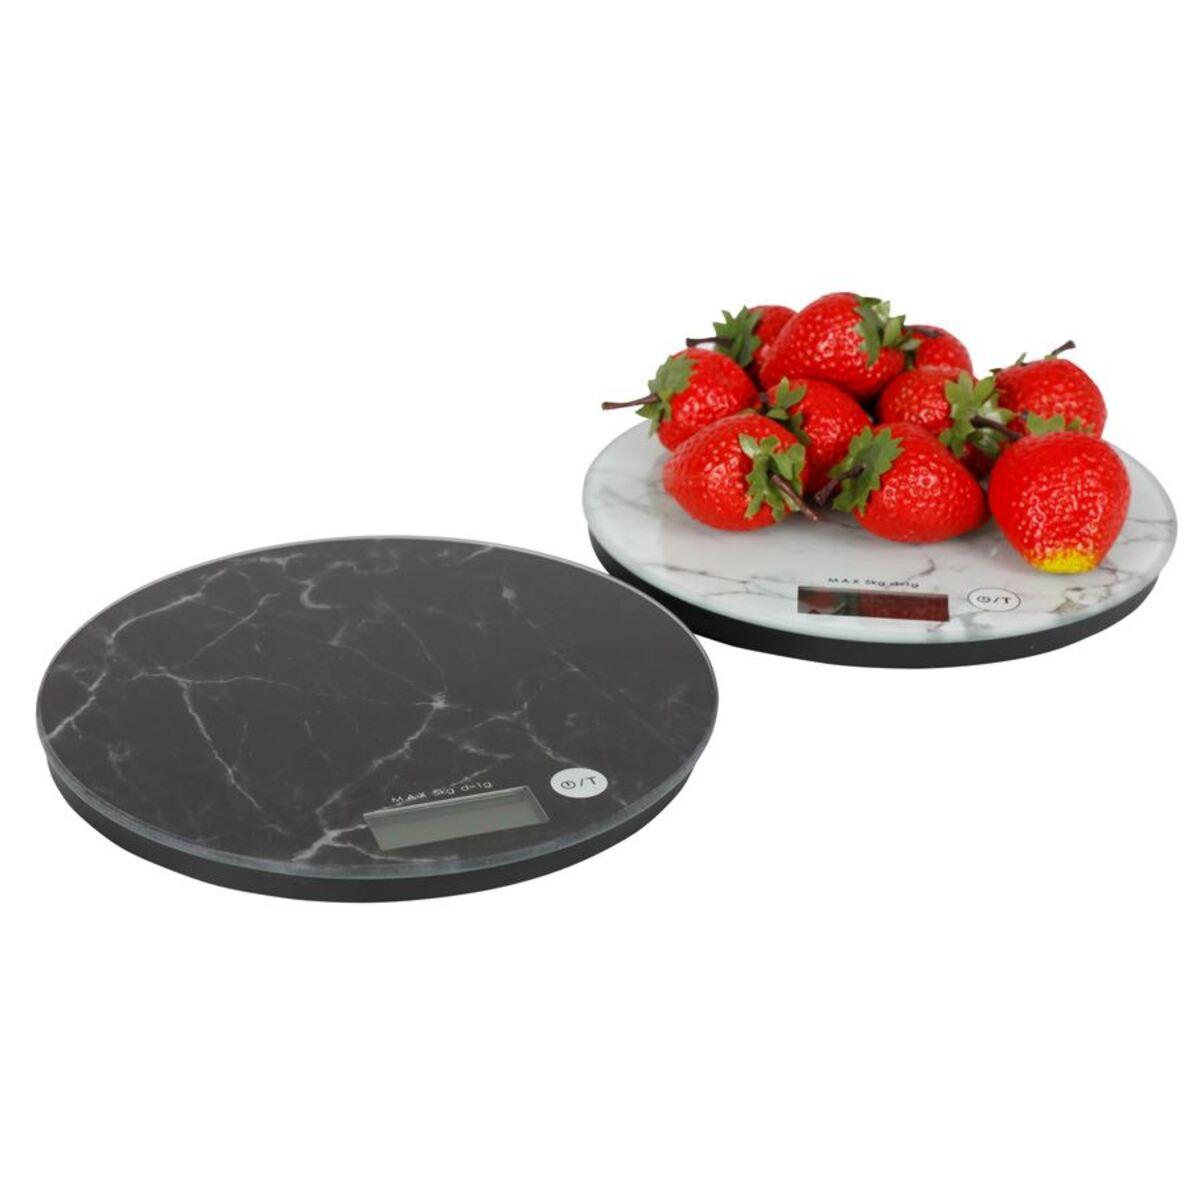 Bild 1 von Digitale Küchenwaage im Marmor-Design